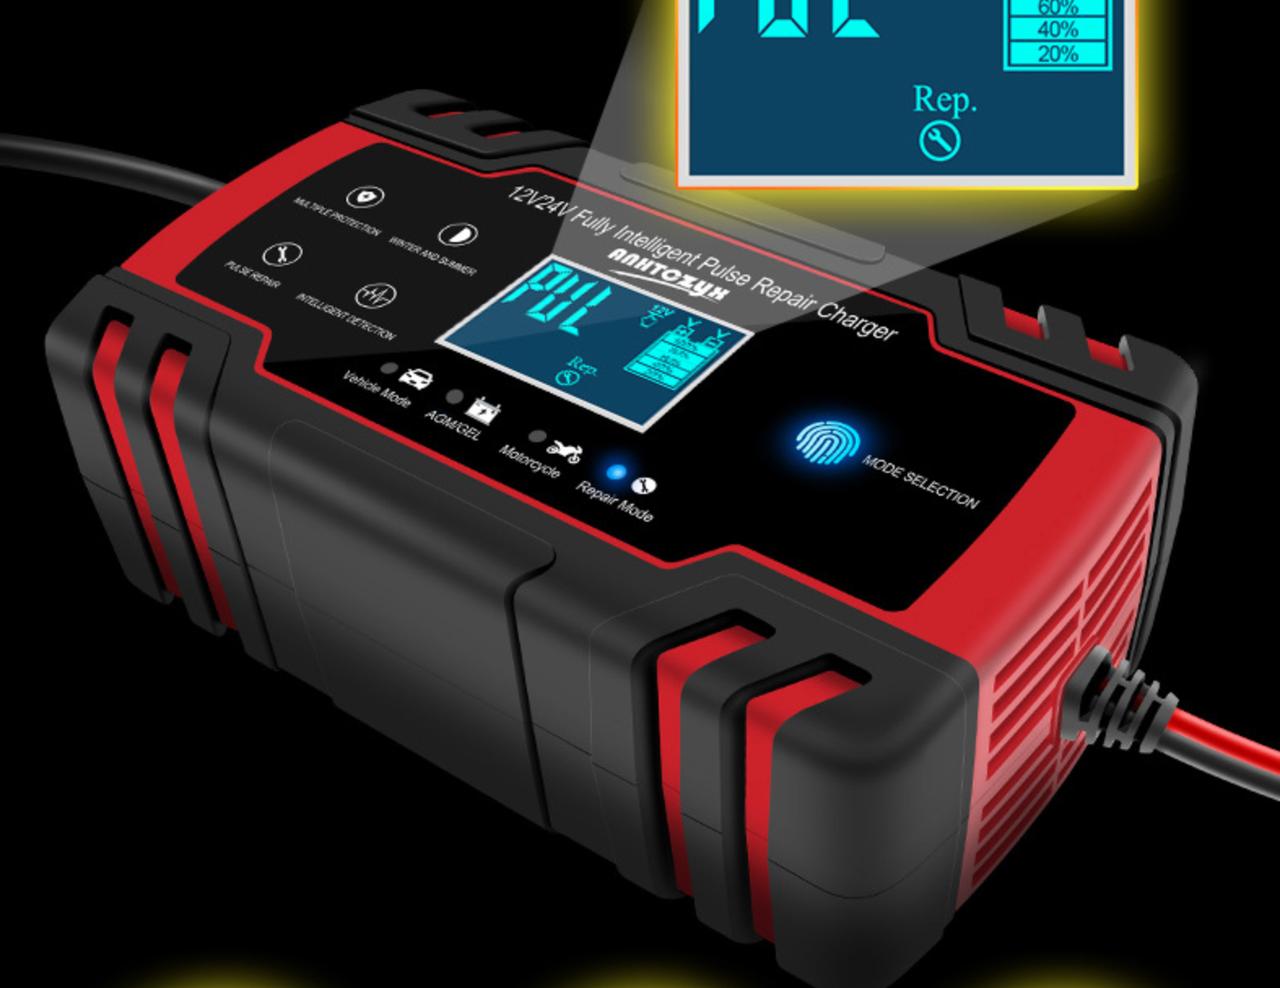 Устройство зарядное для автомобильных аккумуляторов 12/24V. - фото 1